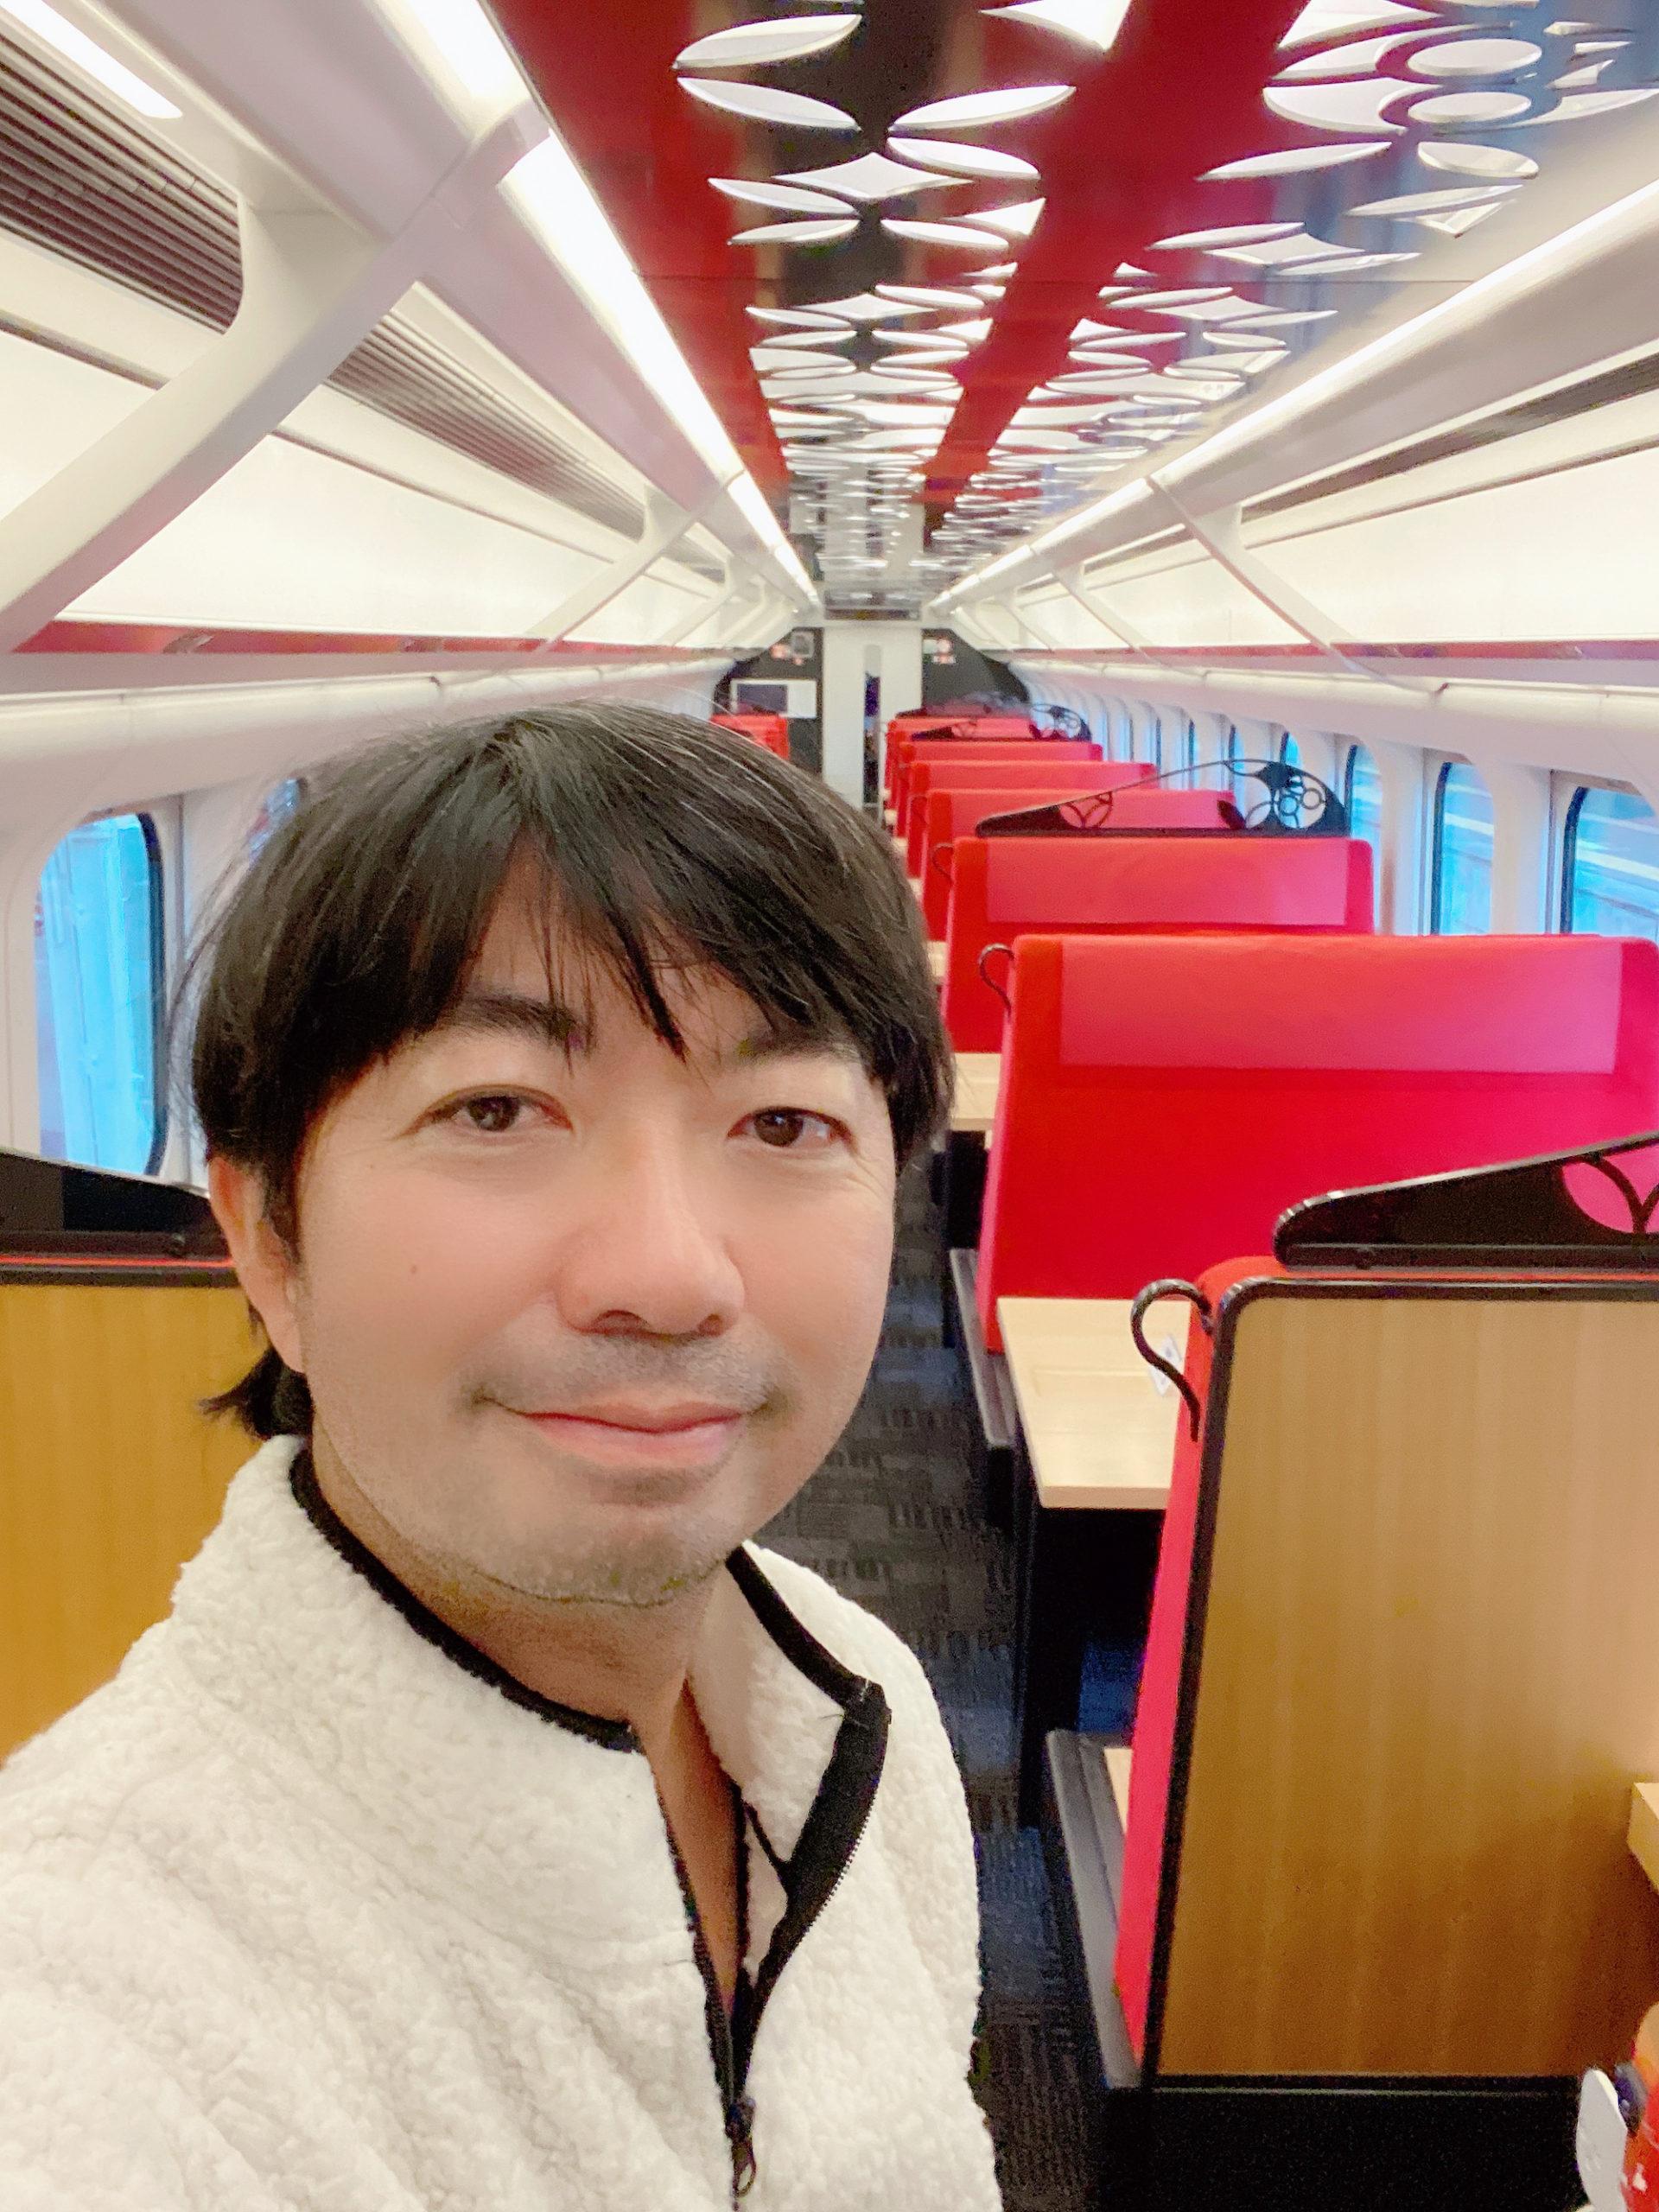 SHUN(樺澤俊悟)/山形県新庄市〜福島へと向かう「とれいゆつばさ」にて(2020年11月1日)